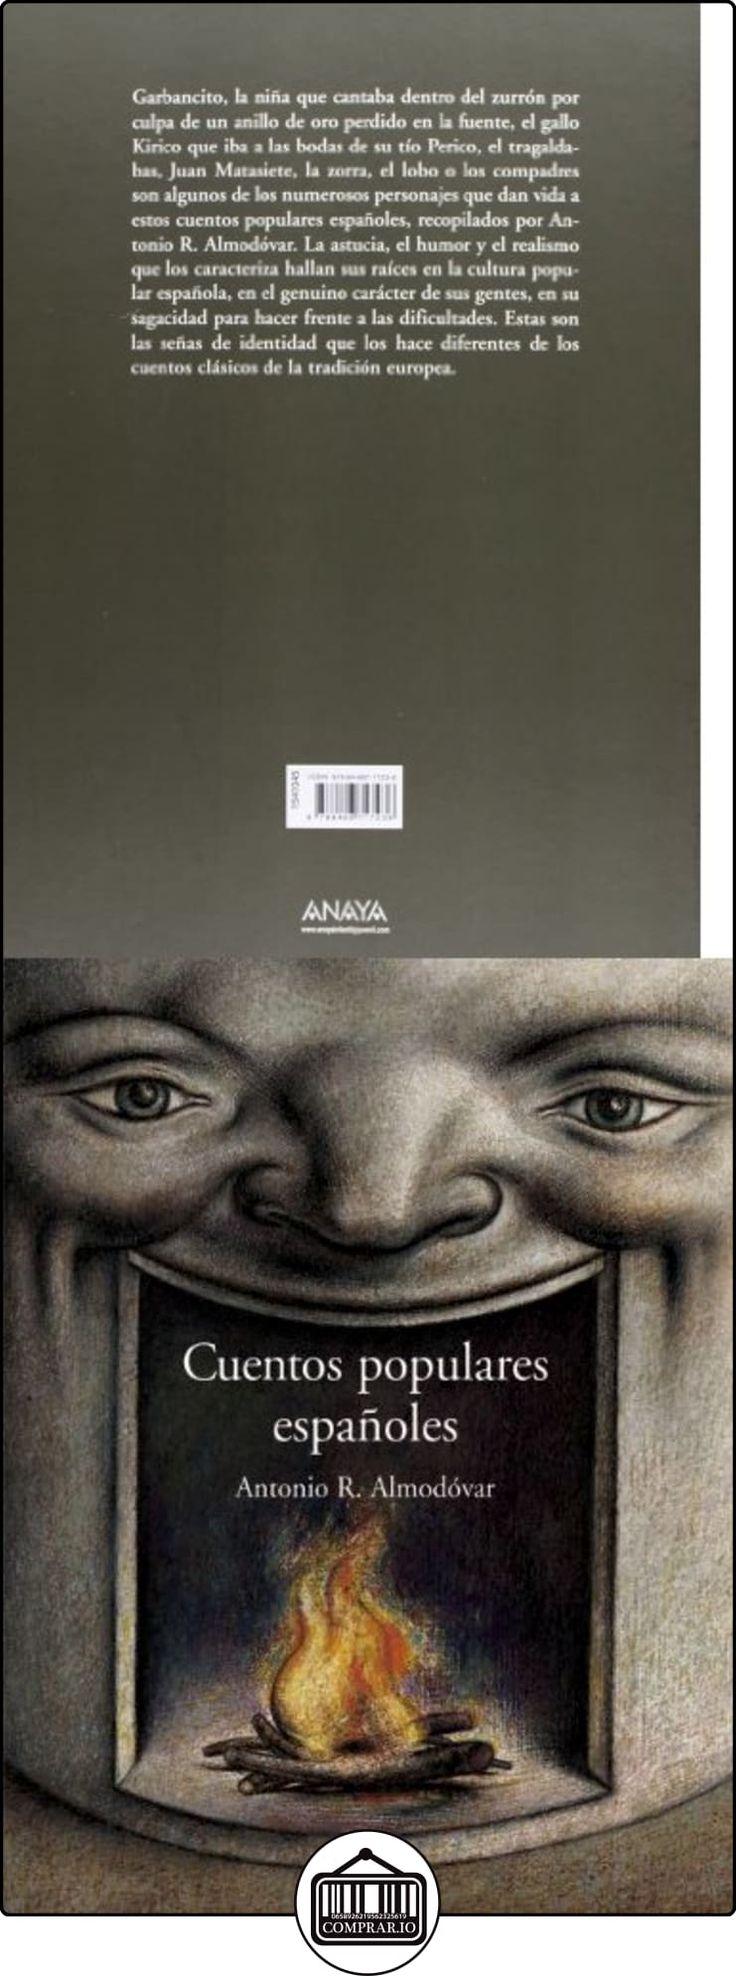 Cuentos populares españoles (Literatura Infantil (6-11 Años) - Libros-Regalo) Antonio R. Almodóvar ✿ Libros infantiles y juveniles - (De 0 a 3 años) ✿